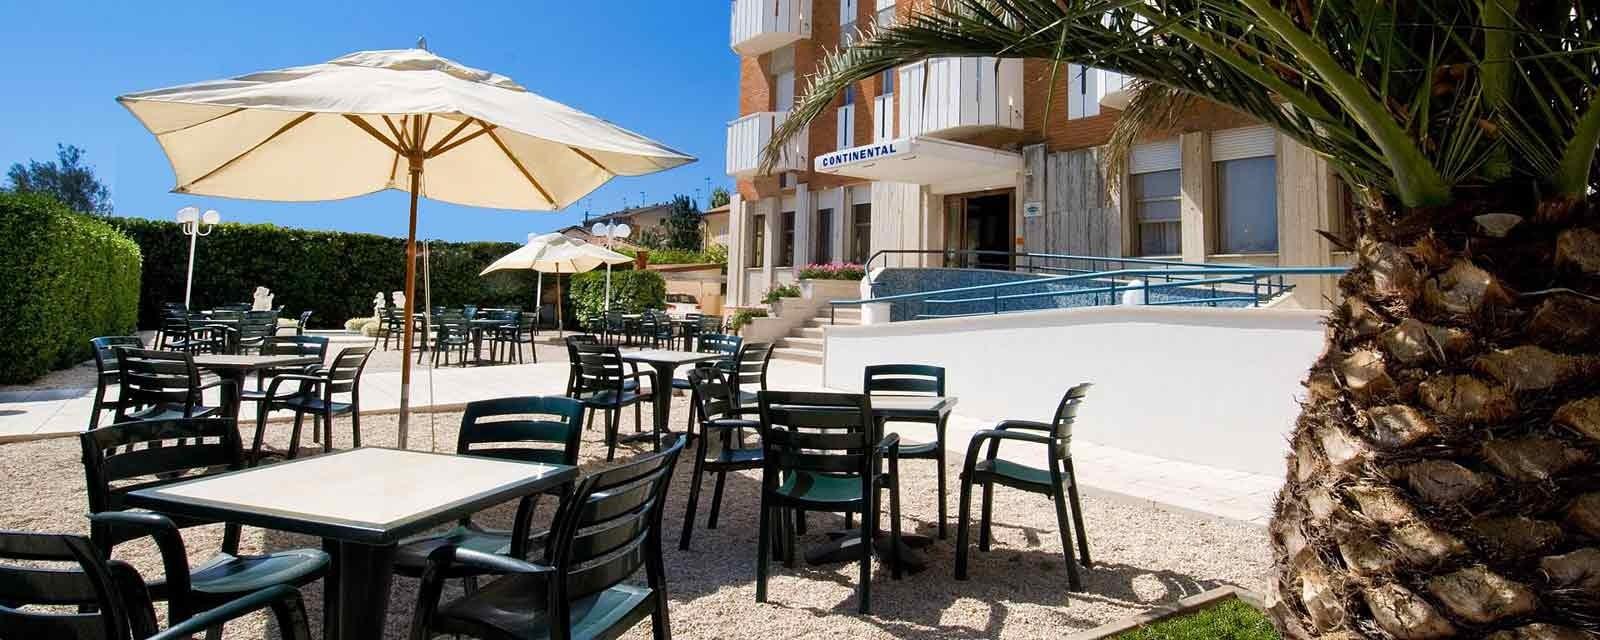 Beautiful alberghi di soggiorno contemporary design for Mobilia fano